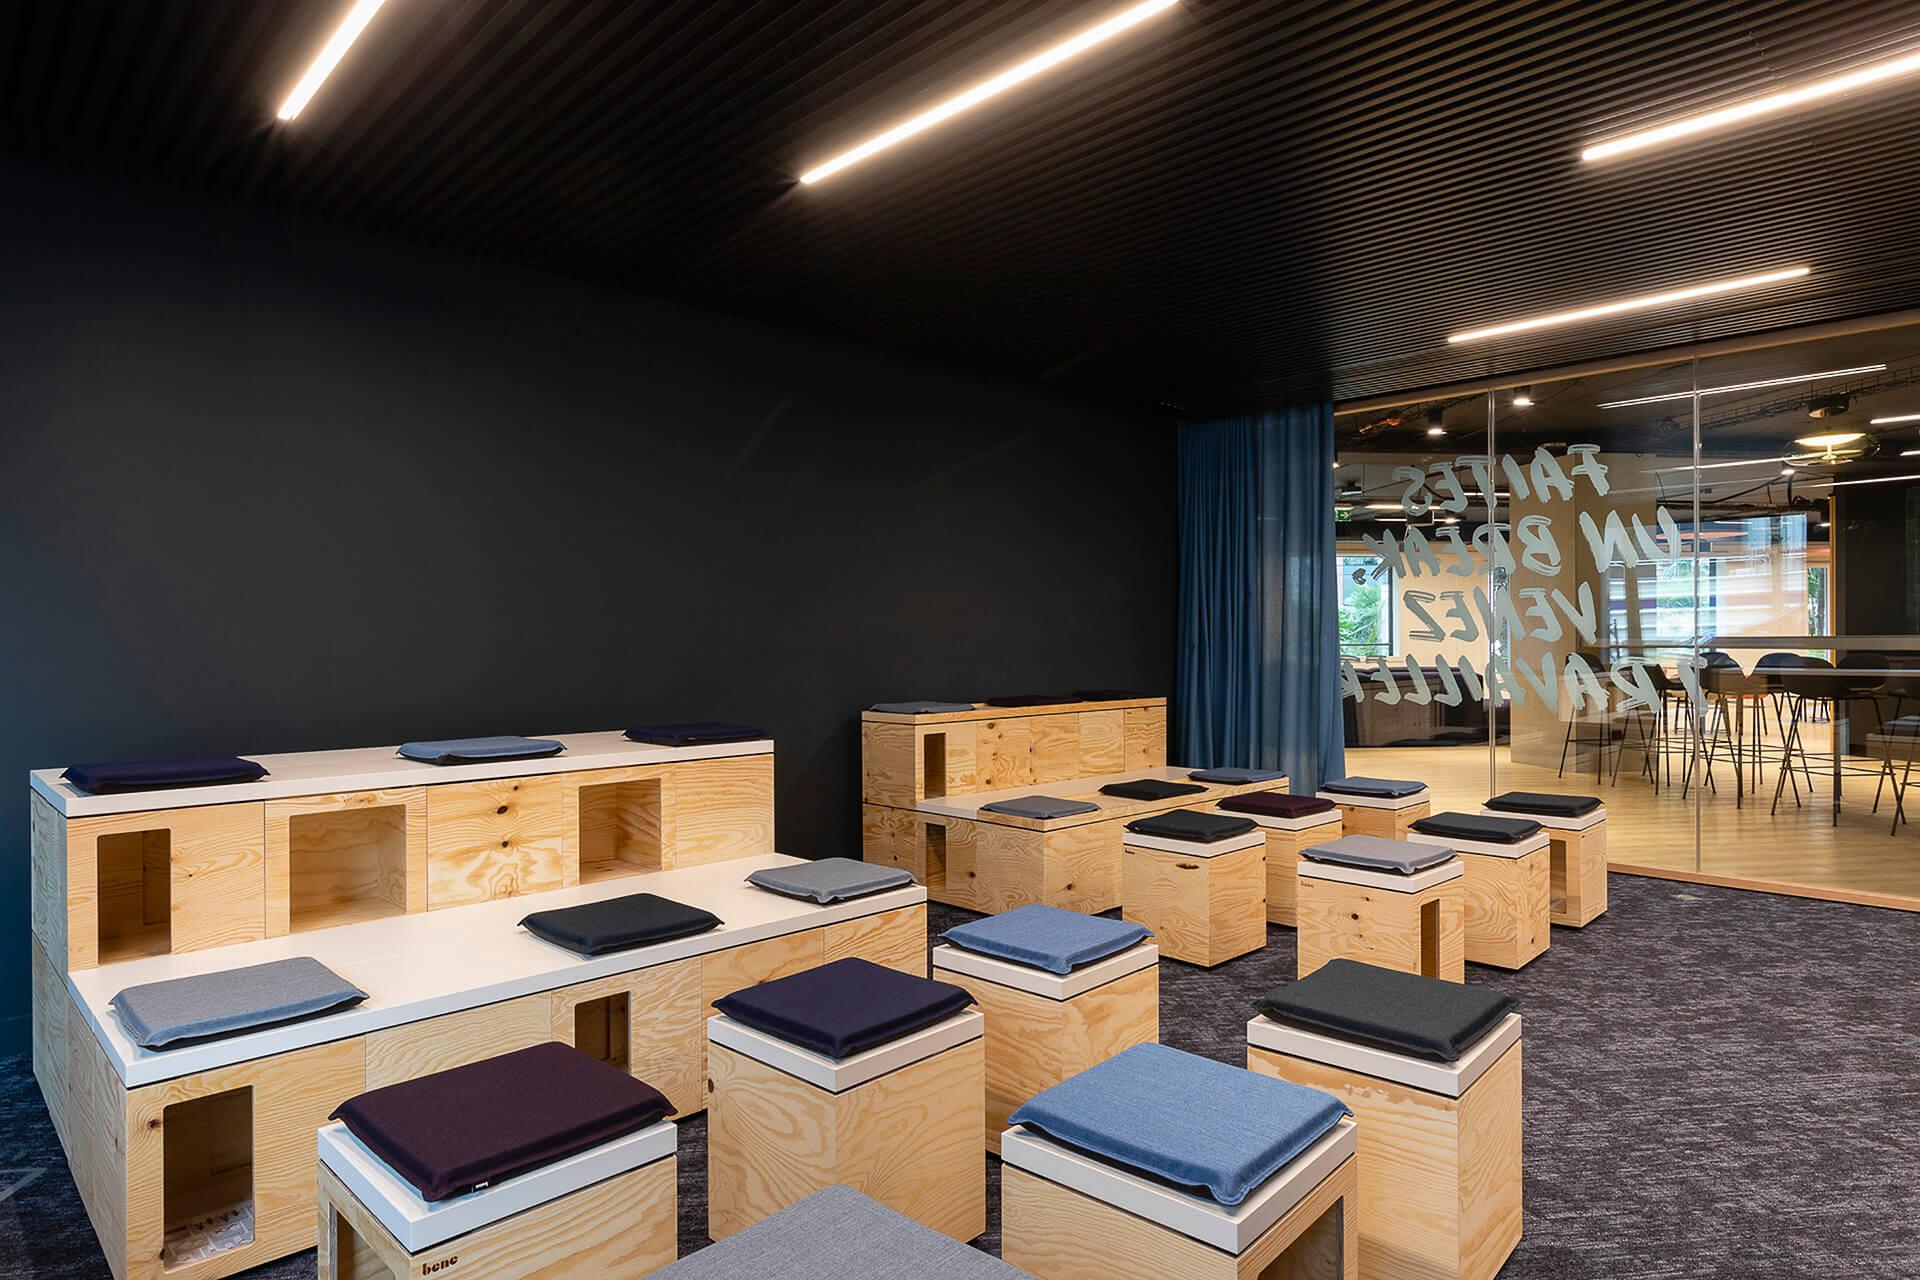 sala de apresentações com bancos de madeira